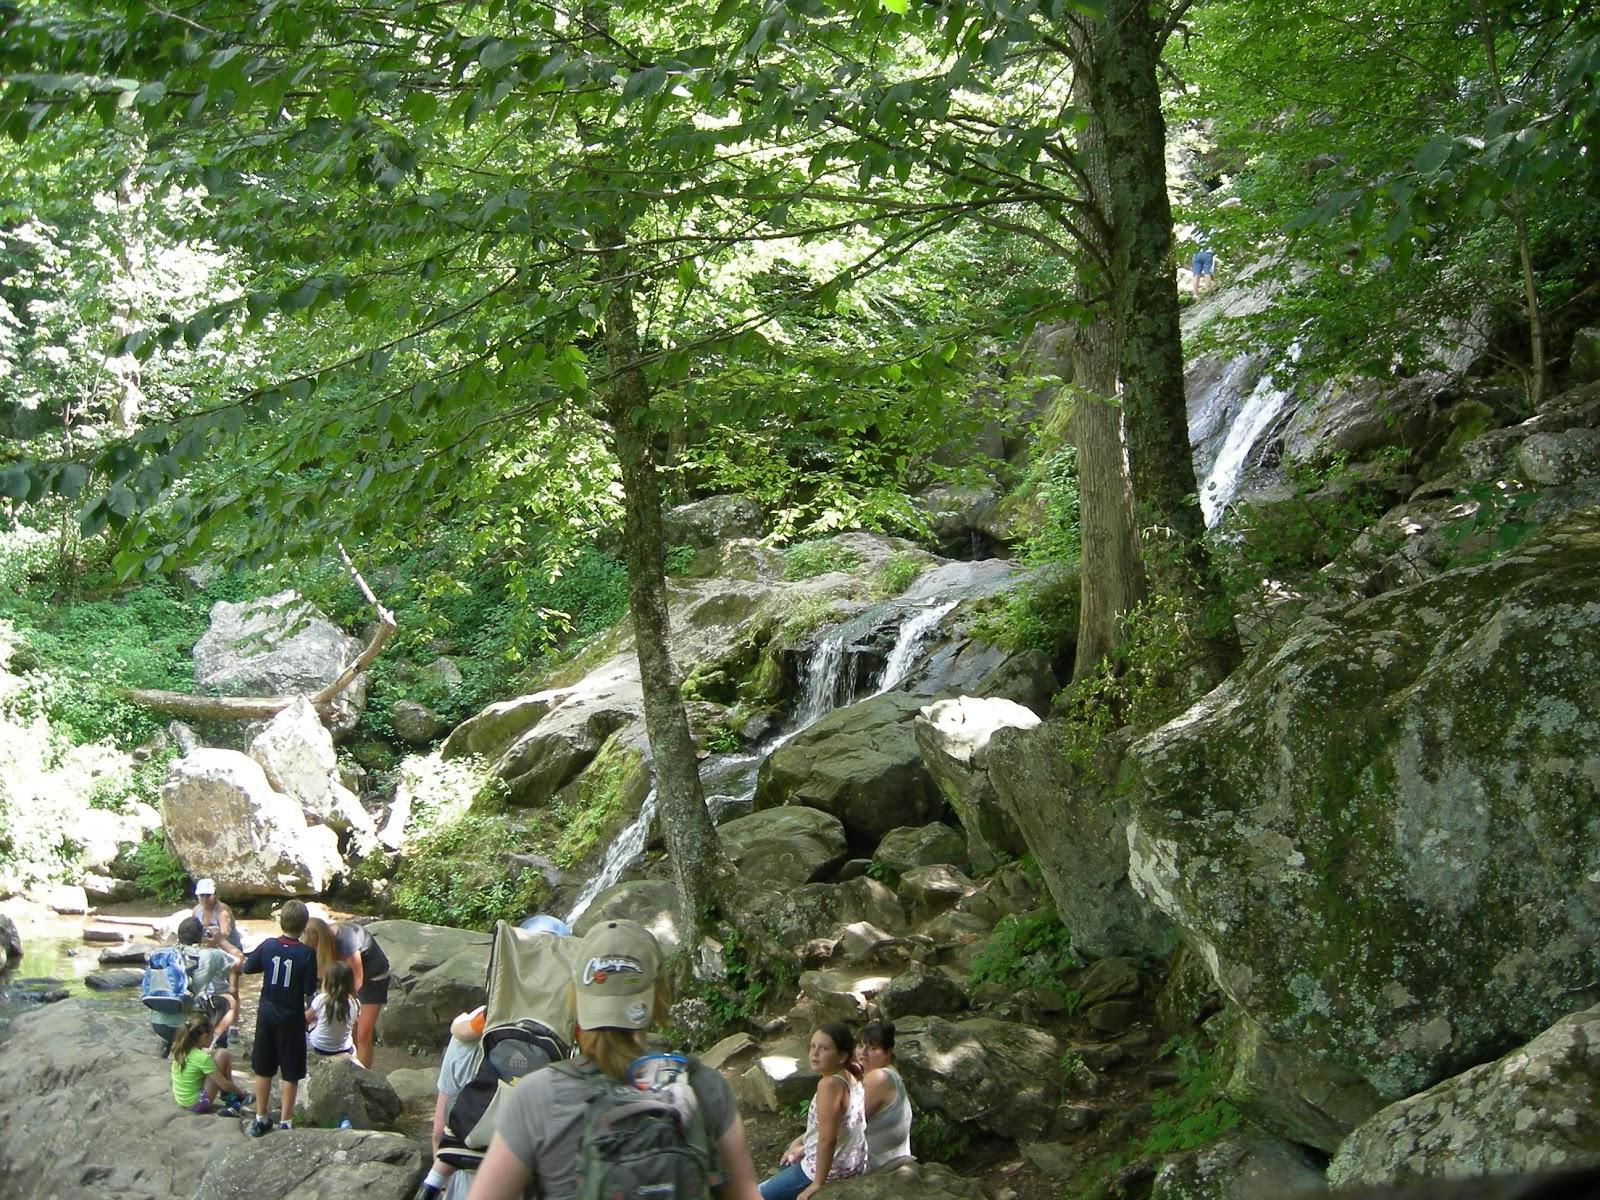 Dark Hollow Falls Hiking Trail - Skyline Drive - VA